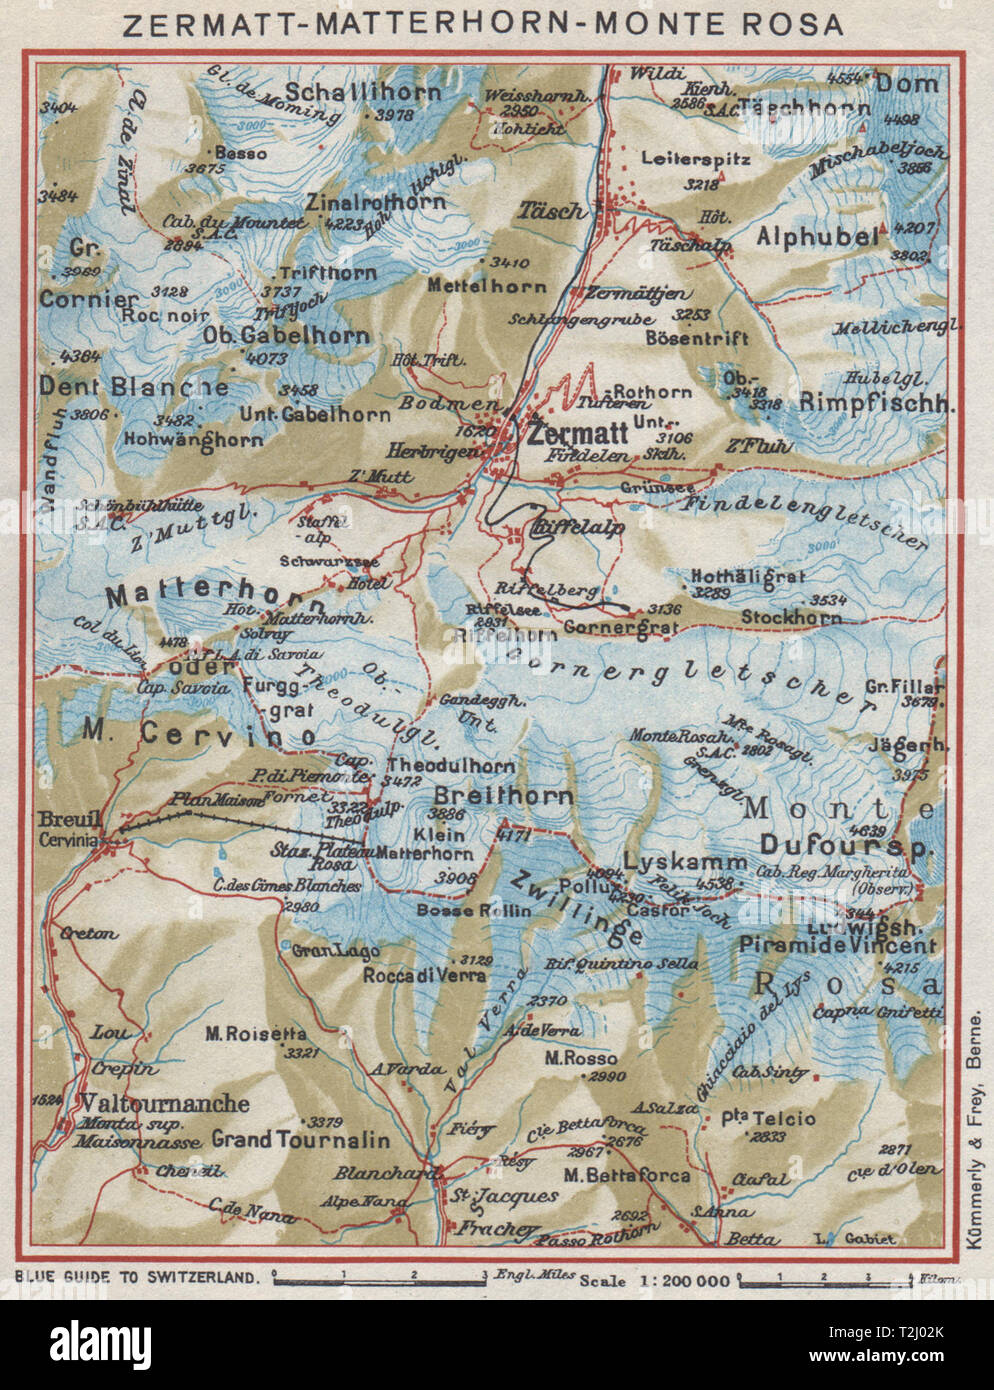 ZERMATT MATTERHORN MONTE ROSA.Breuil-Cervinia.Switzerland ... on engadin switzerland map, zurich switzerland map, geneva switzerland map, davos switzerland map, pfaffikon switzerland map, mannlichen switzerland map, andes mountains map, lugano switzerland map, switzerland on europe map, wengen switzerland map, sils maria switzerland map, saas-fee switzerland map, switzerland on world map, matterhorn switzerland map, monte rosa map, interlaken map, schilthorn switzerland map, st. moritz switzerland map, basel switzerland map, paris switzerland map,